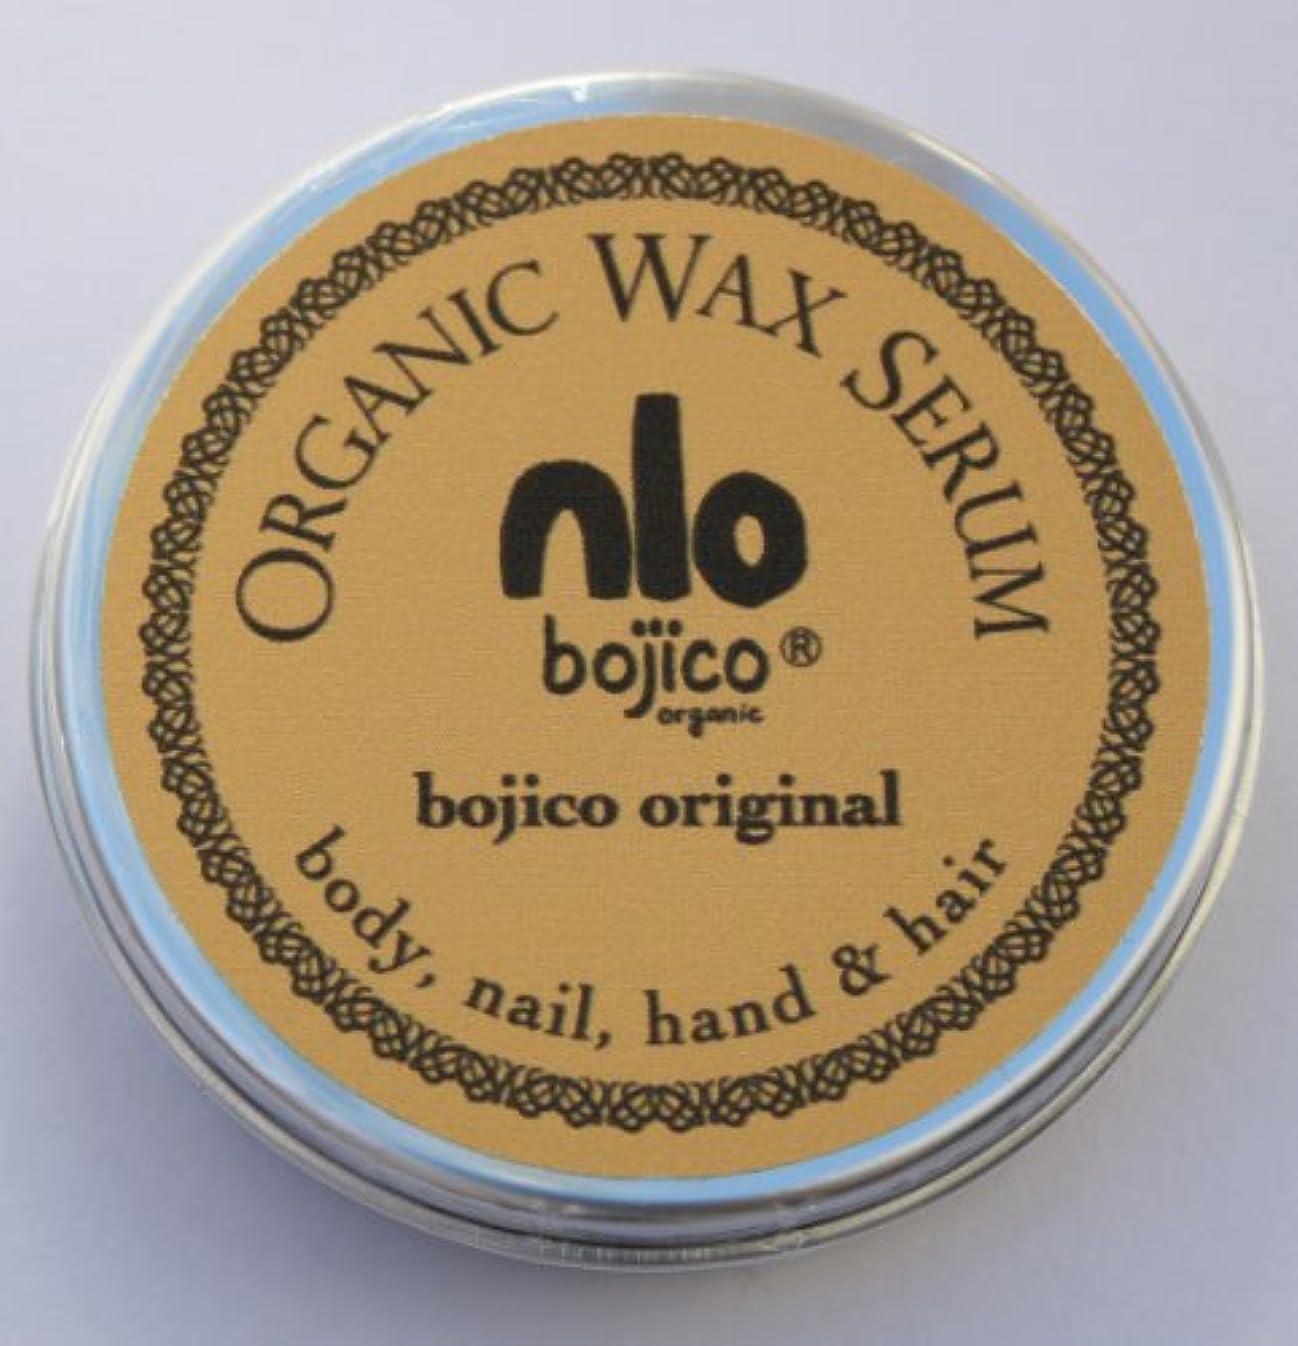 エステート嫉妬識別するbojico オーガニック ワックス セラム<オリジナル> Organic Wax Serum 40g